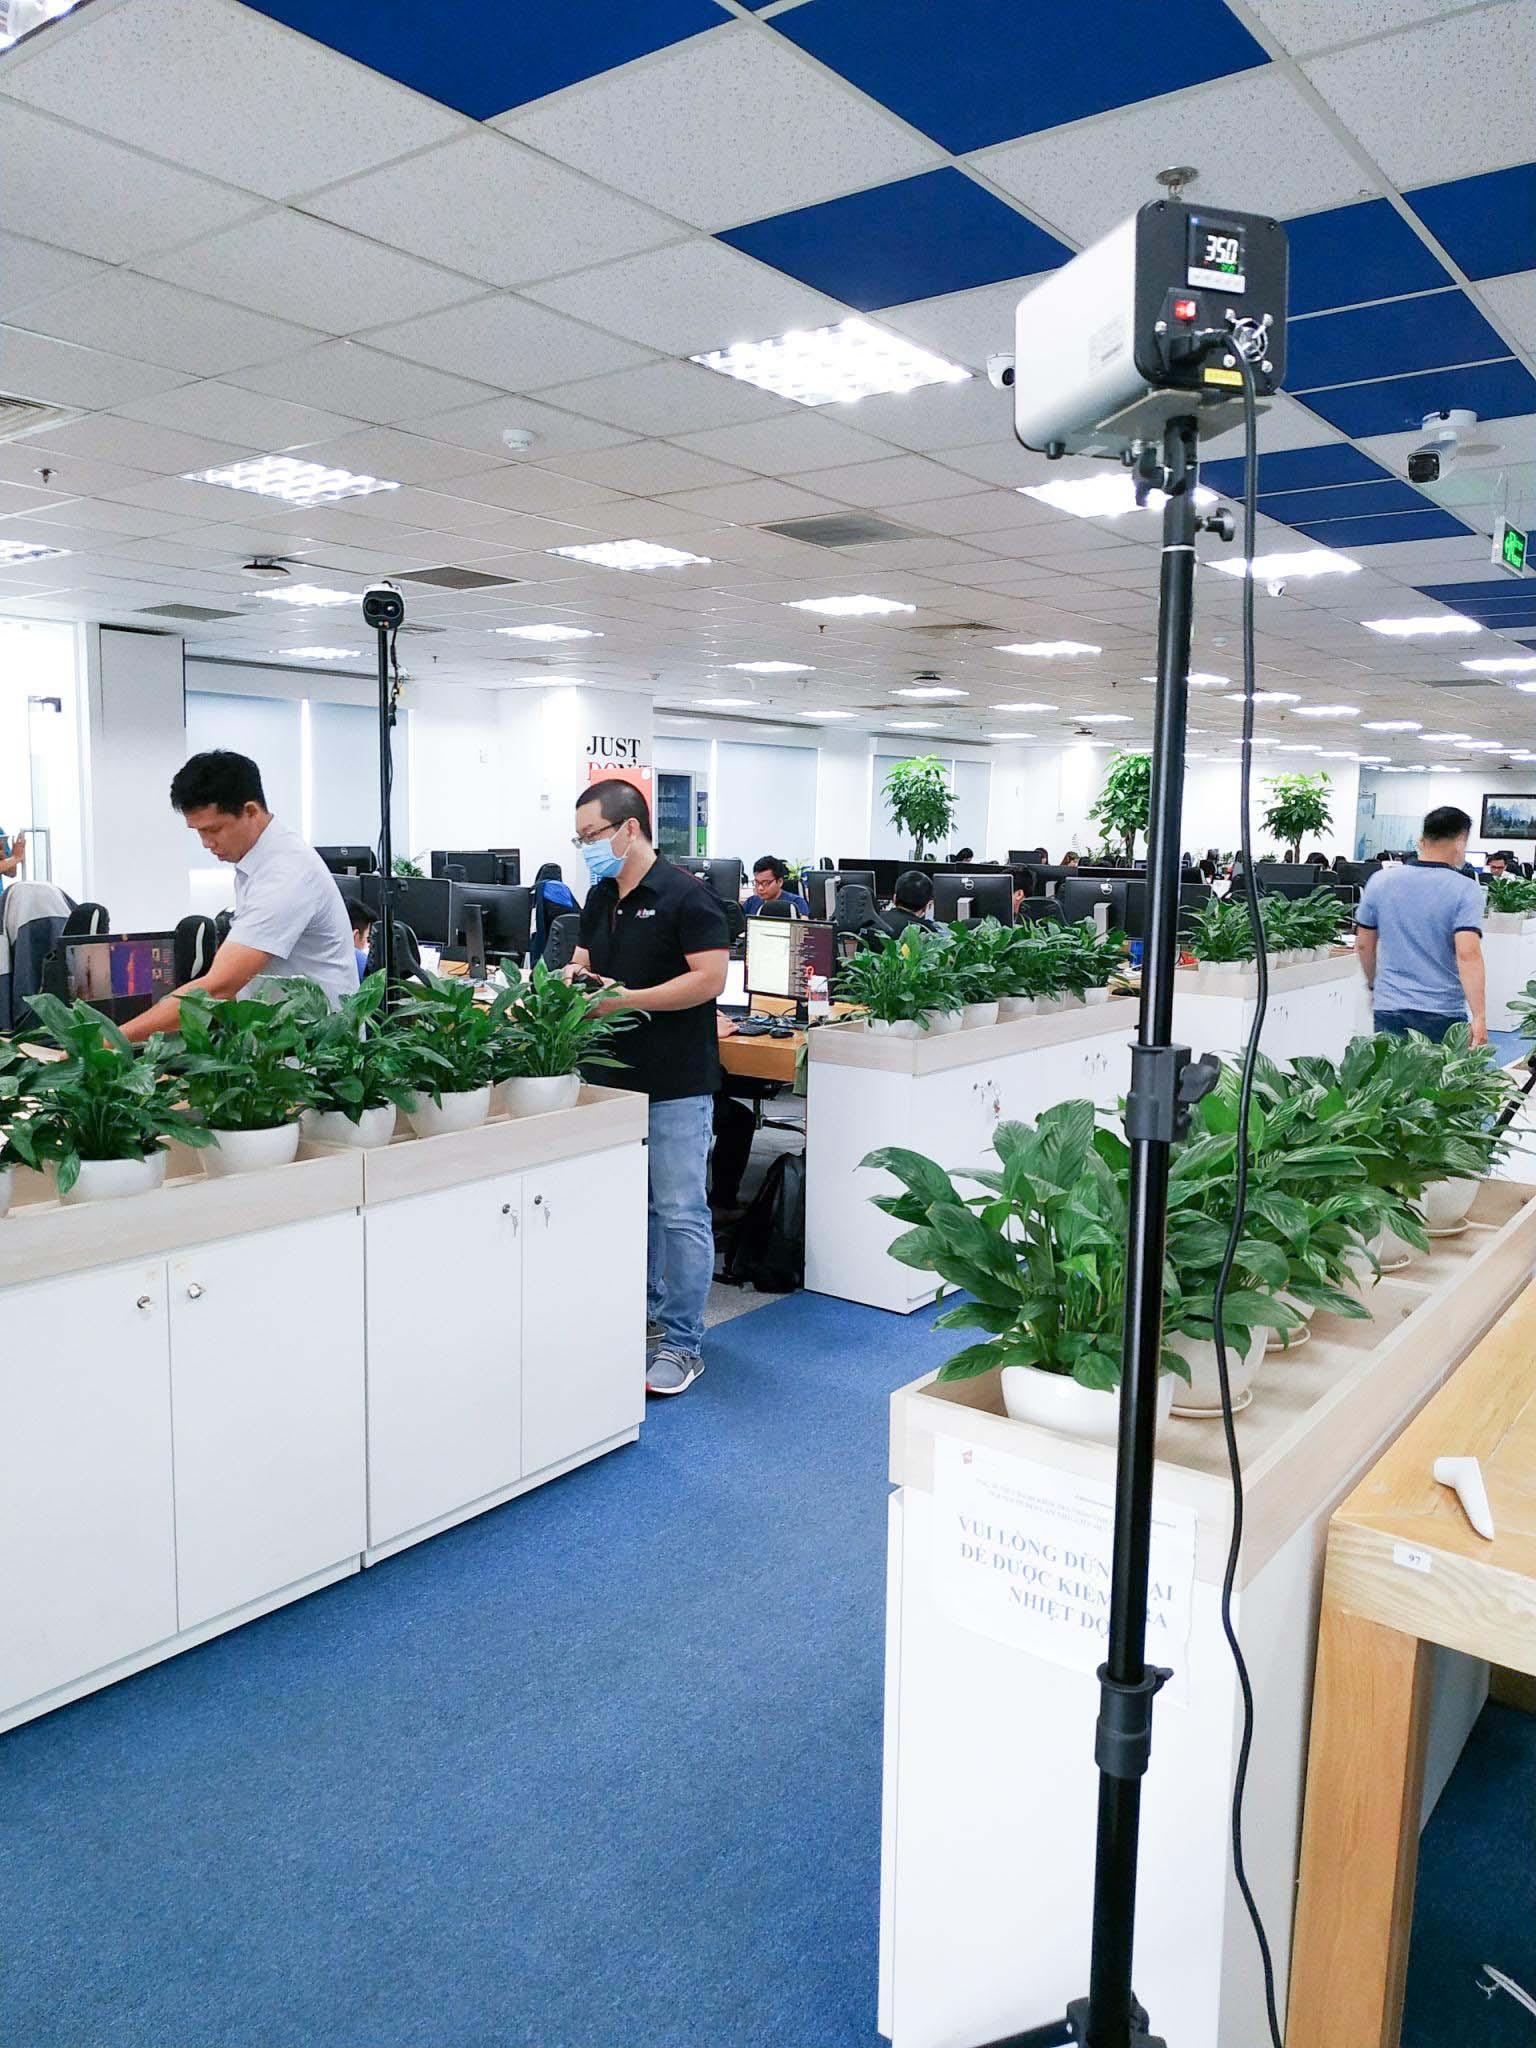 Giải pháp camera cảm biến đang được triển khai tại tập đoàn công nghệ cao